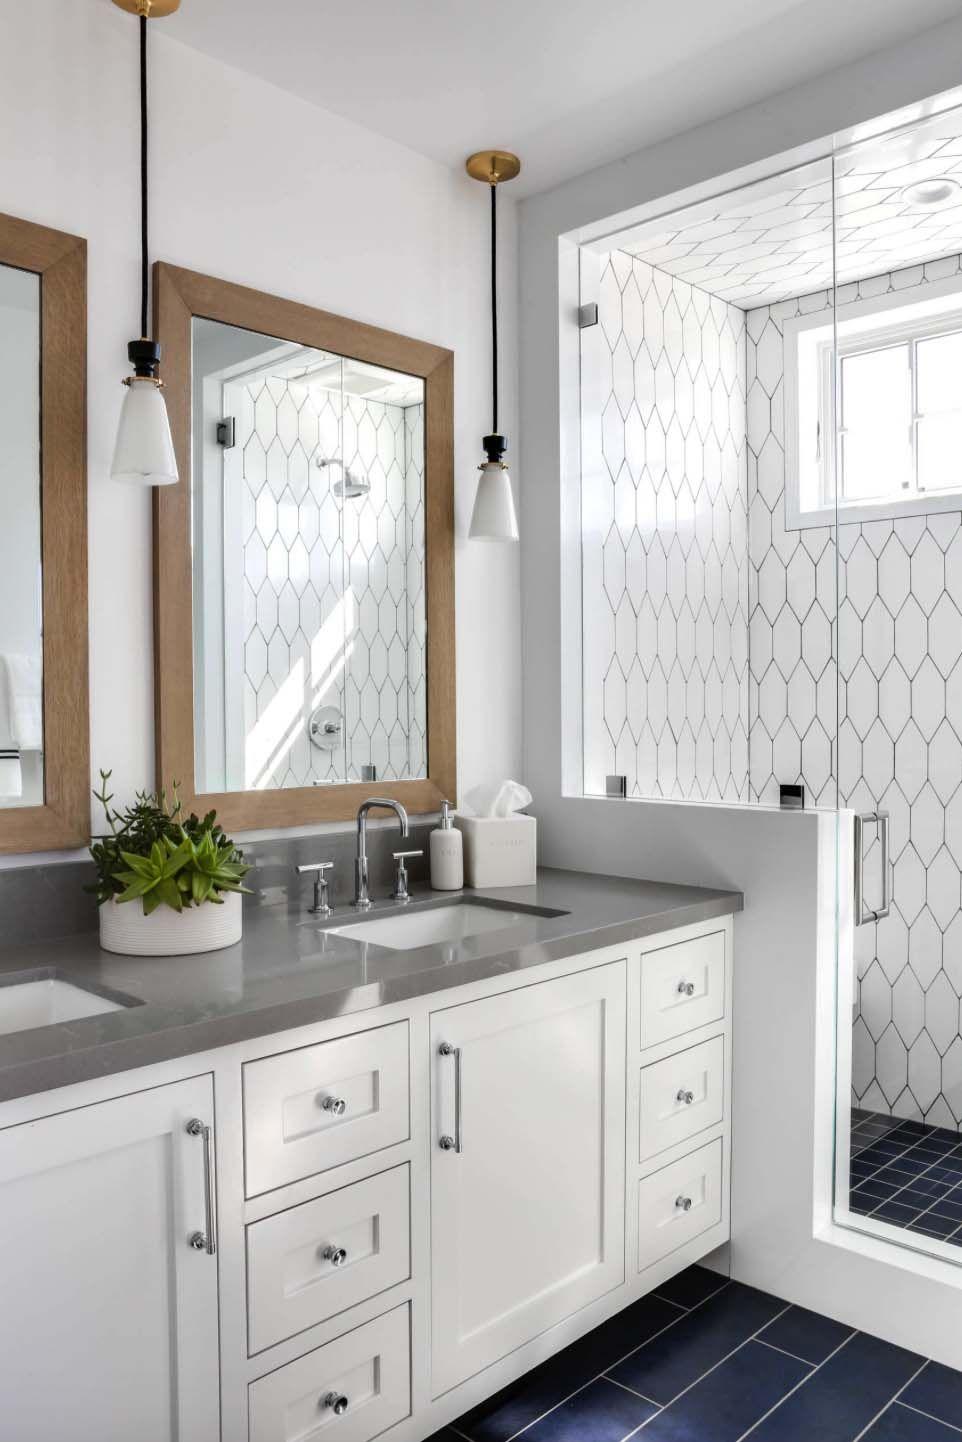 Wonderful Urban Farmhouse Master Bathroom Remodel (45) | Urban ...